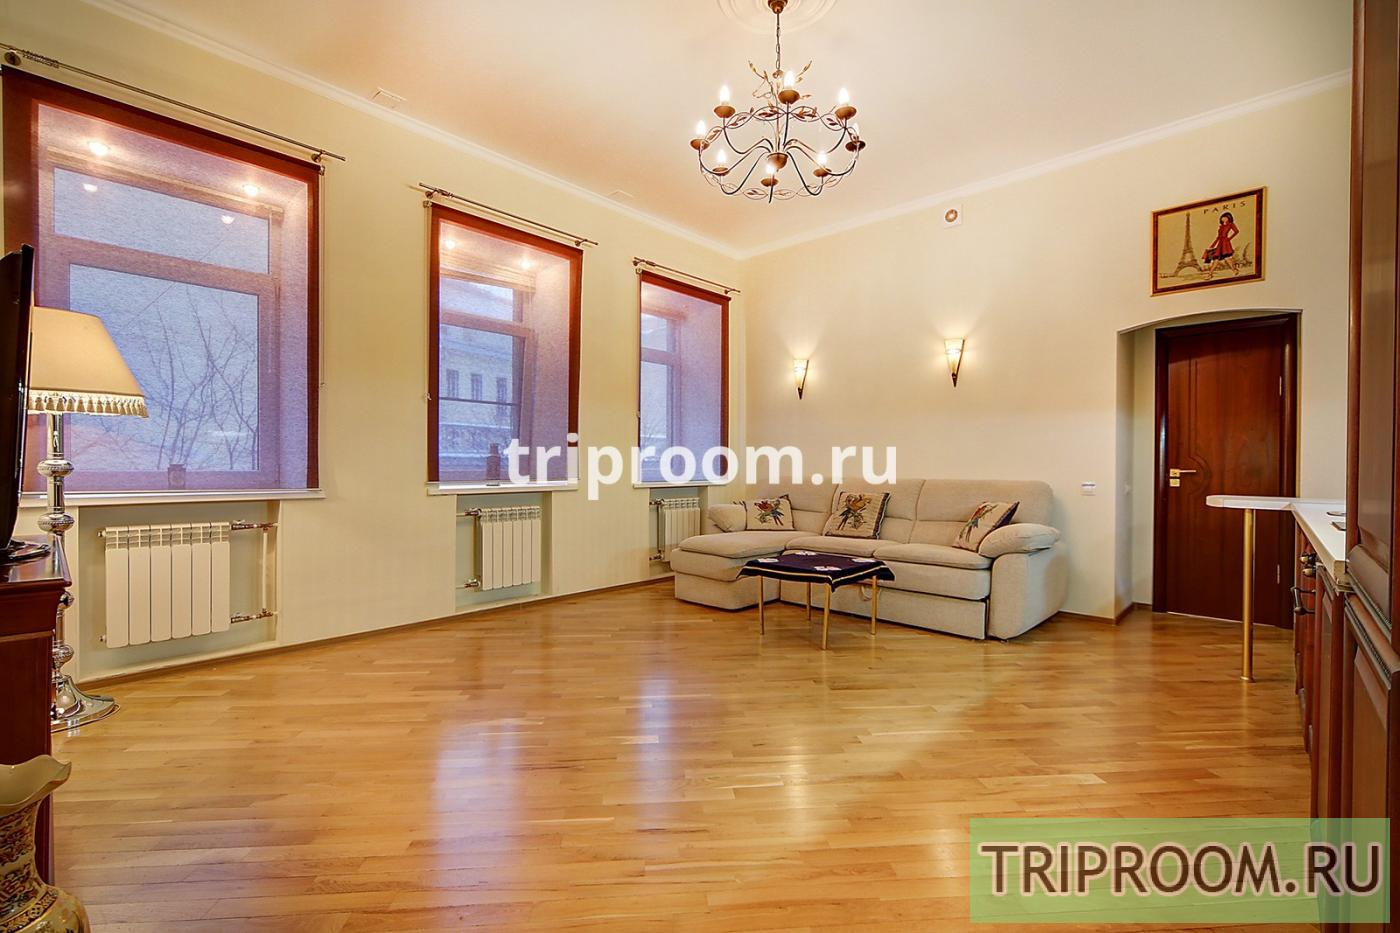 2-комнатная квартира посуточно (вариант № 15116), ул. Большая Конюшенная улица, фото № 8